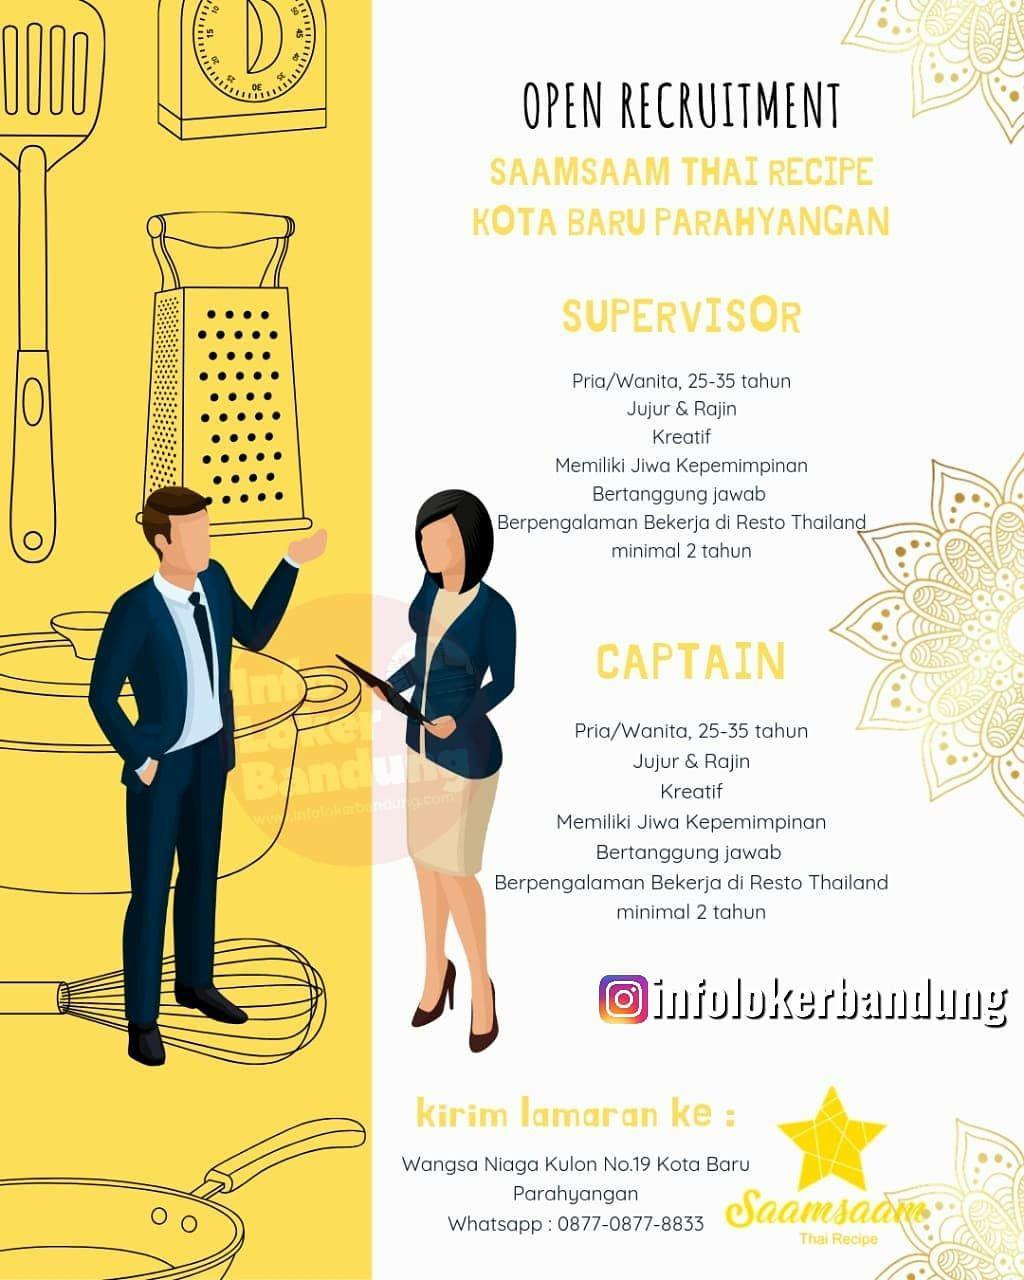 Lowongan Kerja Superviser & Captain Saamsaaam Thai Recipe Bandung Oktober 2019